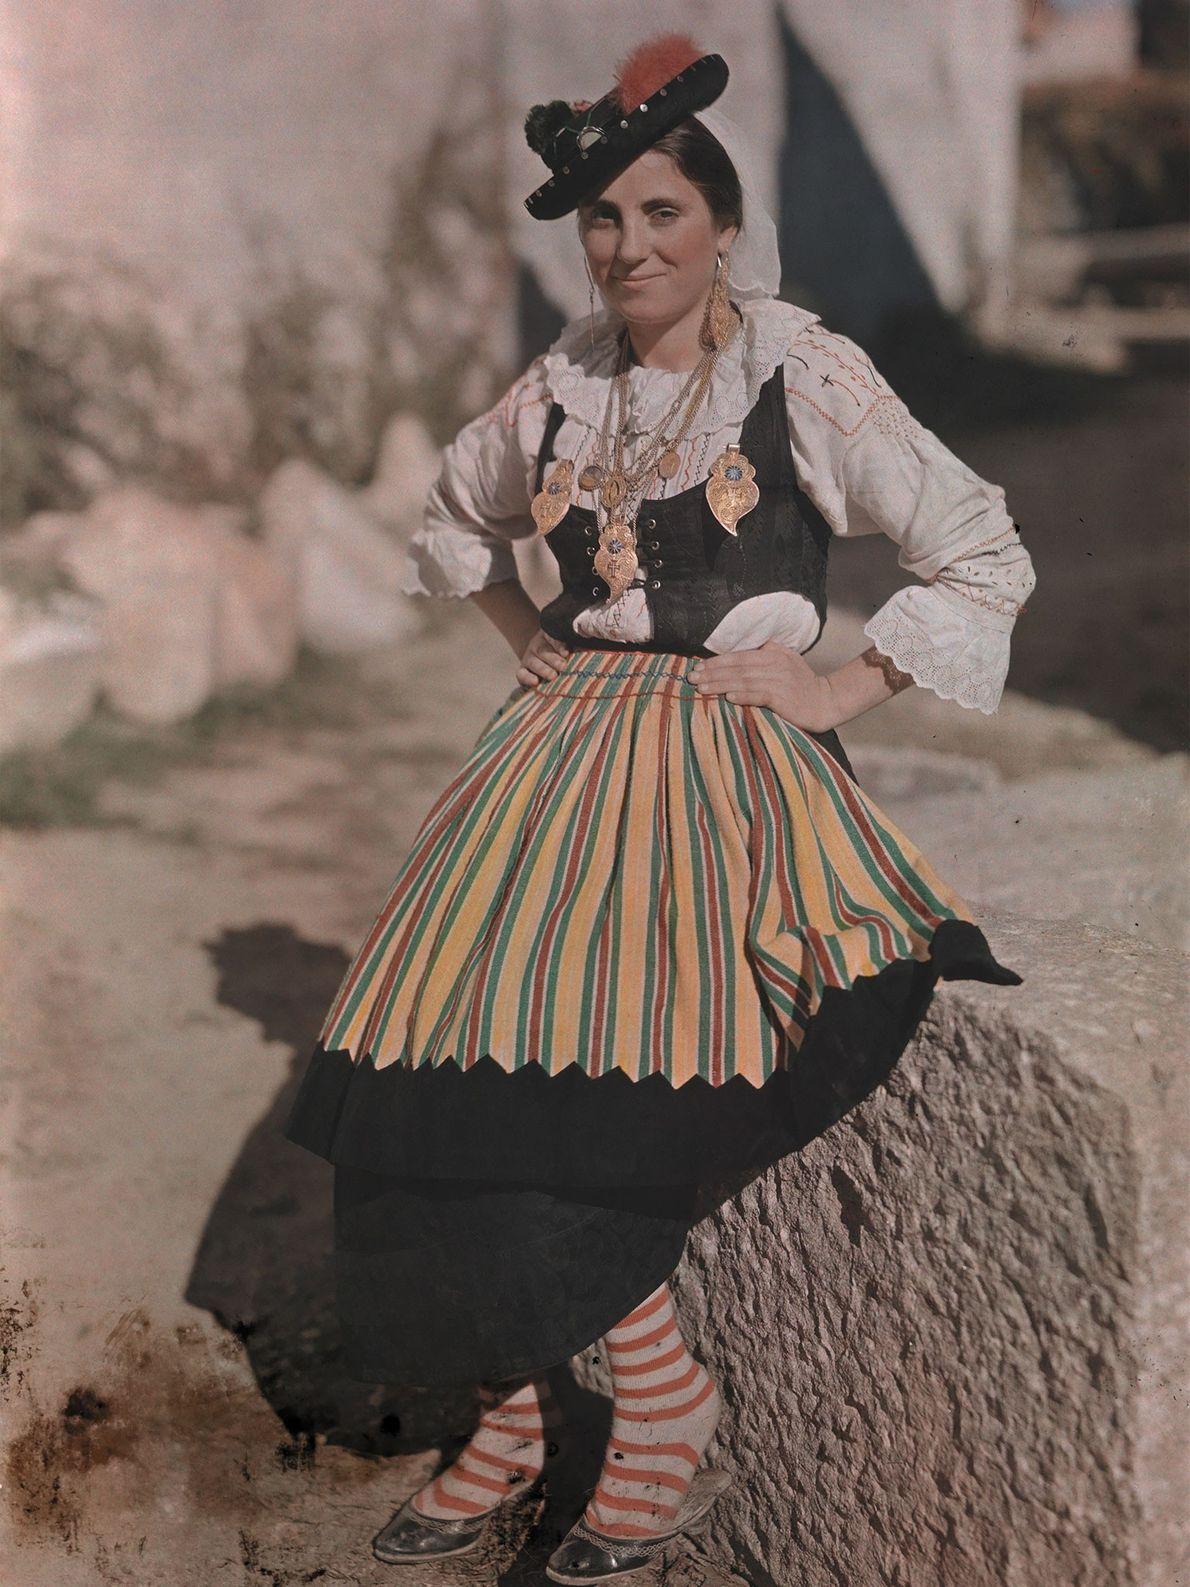 Eine Frau mit festlicher Kleidung und einem schwarzen Hut lehnt sich im portugiesischen Braga an einen ...